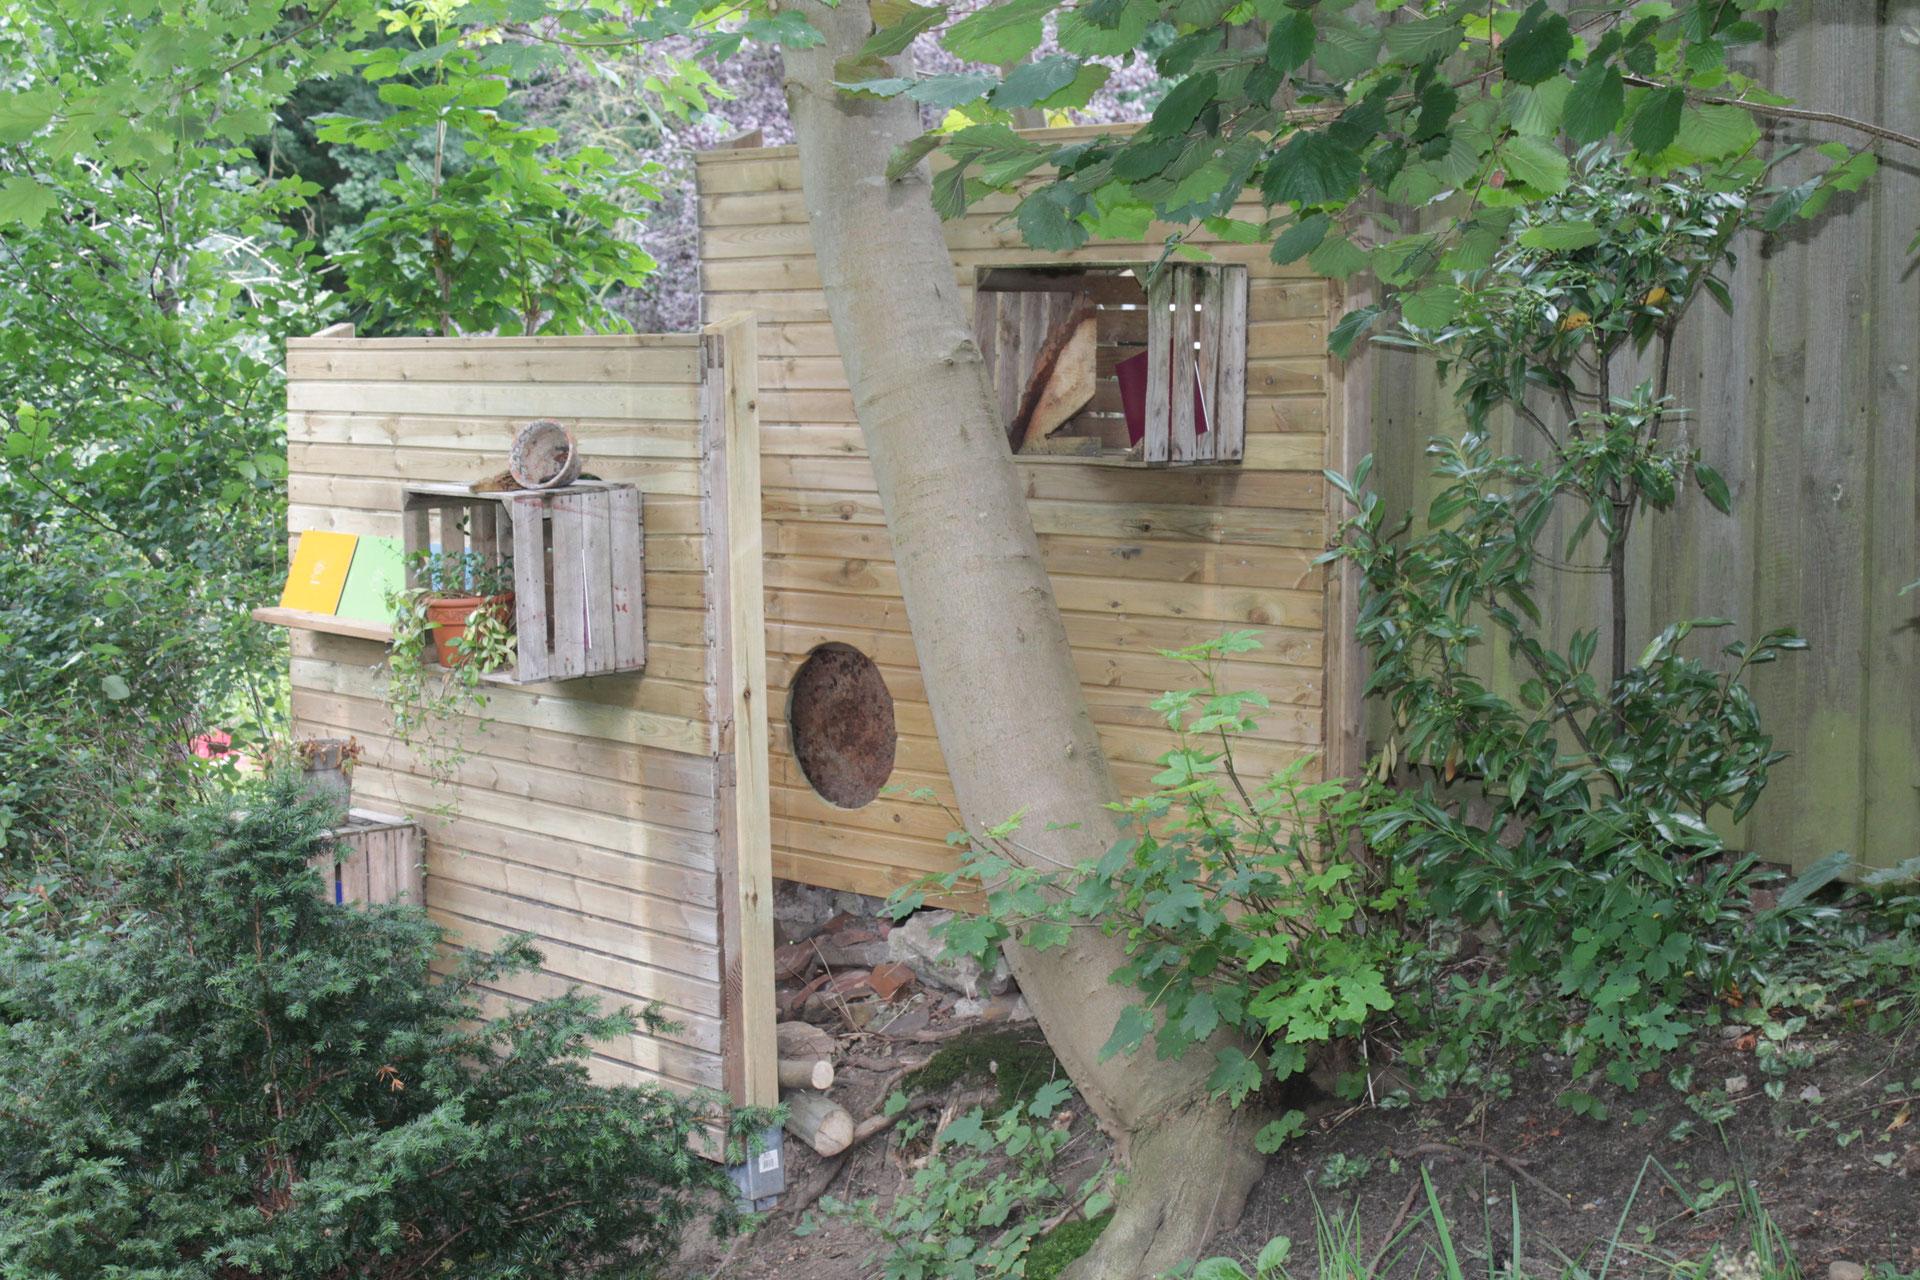 Full Size of Trennwände Garten Torwand Im Statt Sportstudio Kstelgarten Leben Spielhaus Eckbank Holztisch Klappstuhl Spielturm Leuchtkugel Relaxsessel Beistelltisch Aldi Garten Trennwände Garten